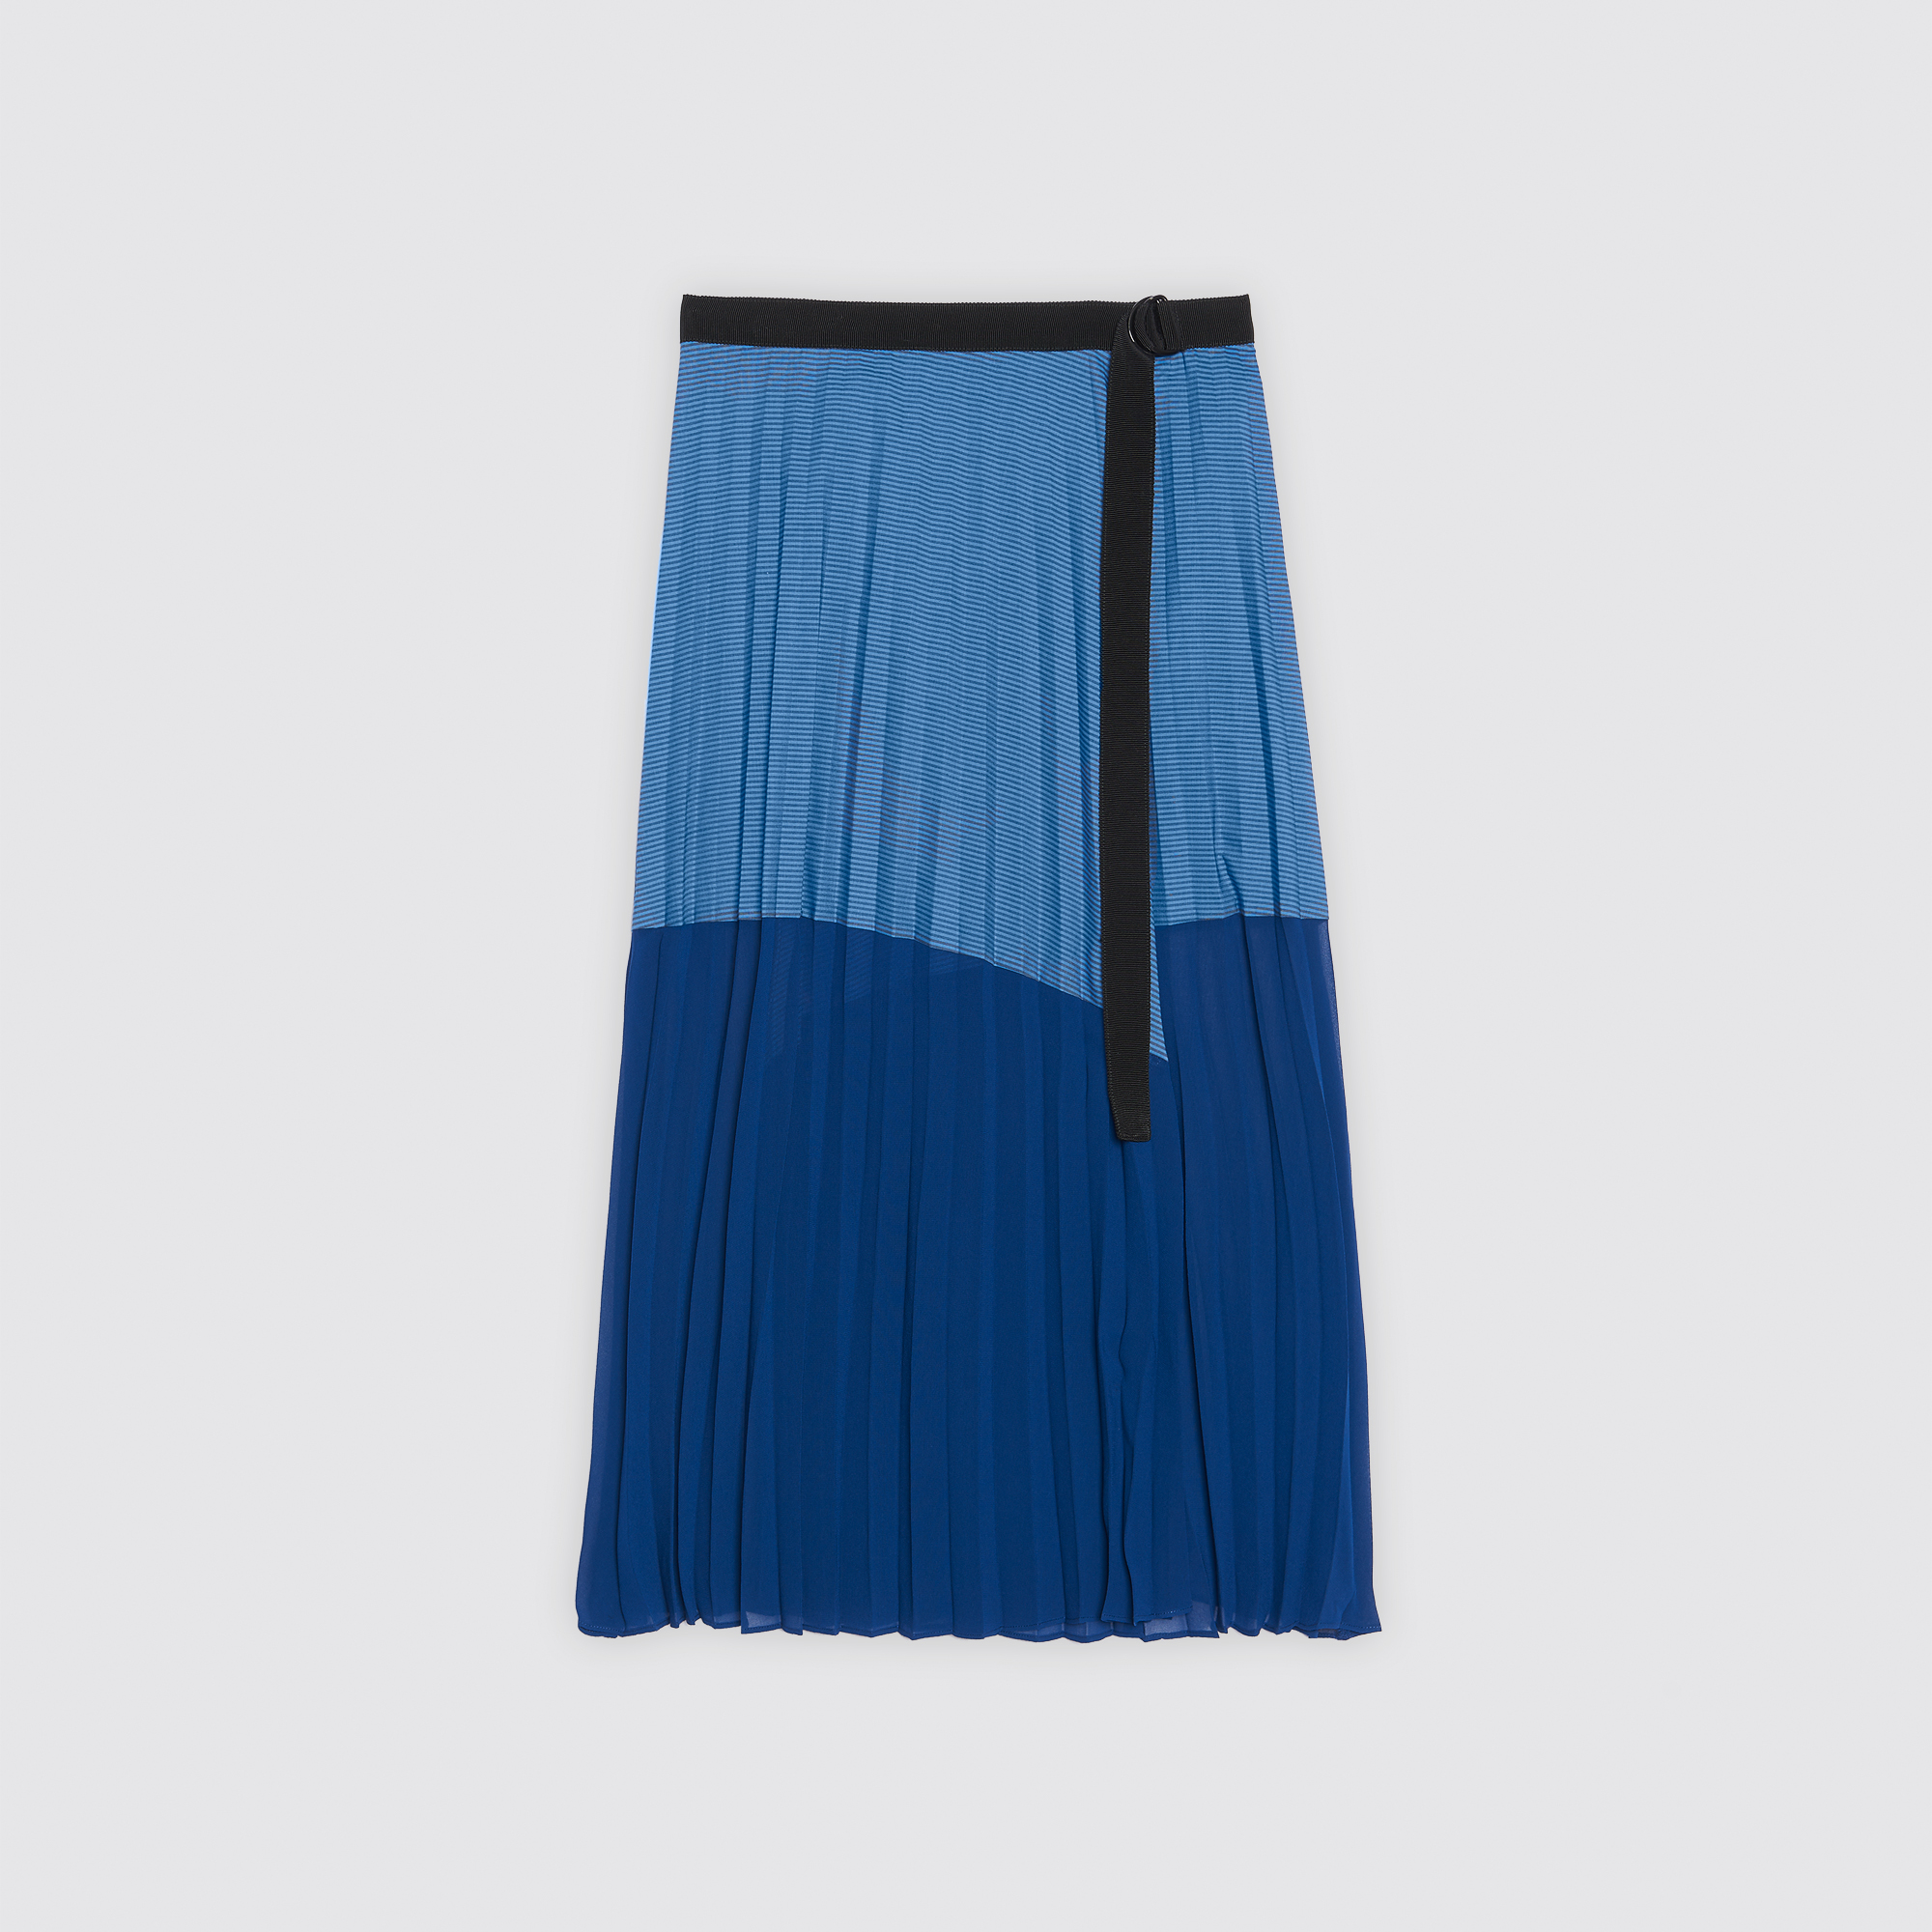 Gonna longuette plissettata bicolore : Gonne & Short colore Blu